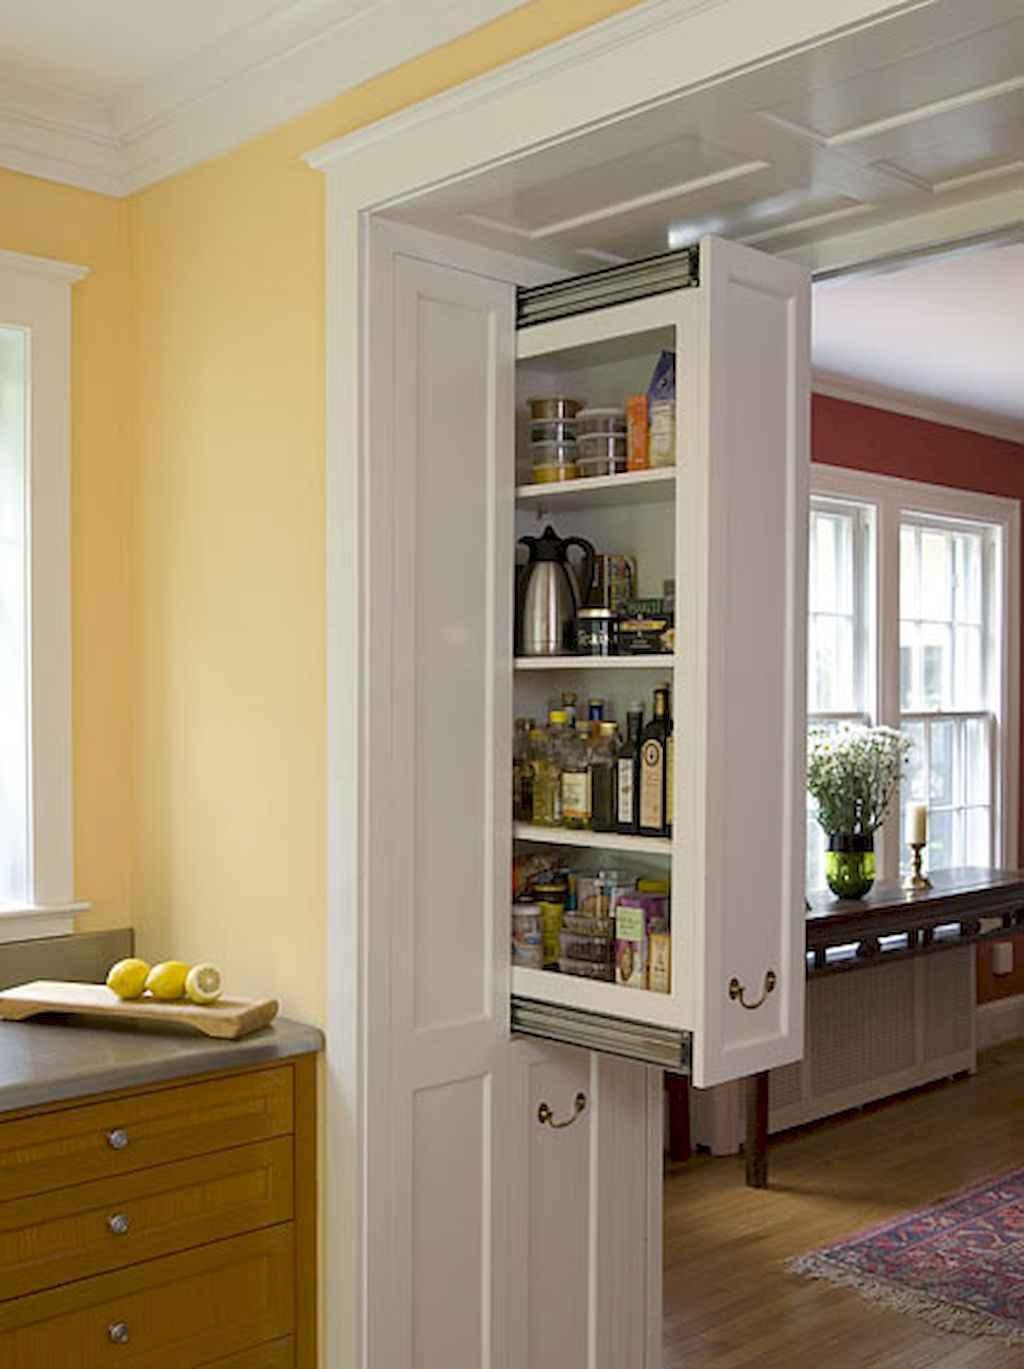 Ingenious hidden kitchen cabinet & storage solutions (19)